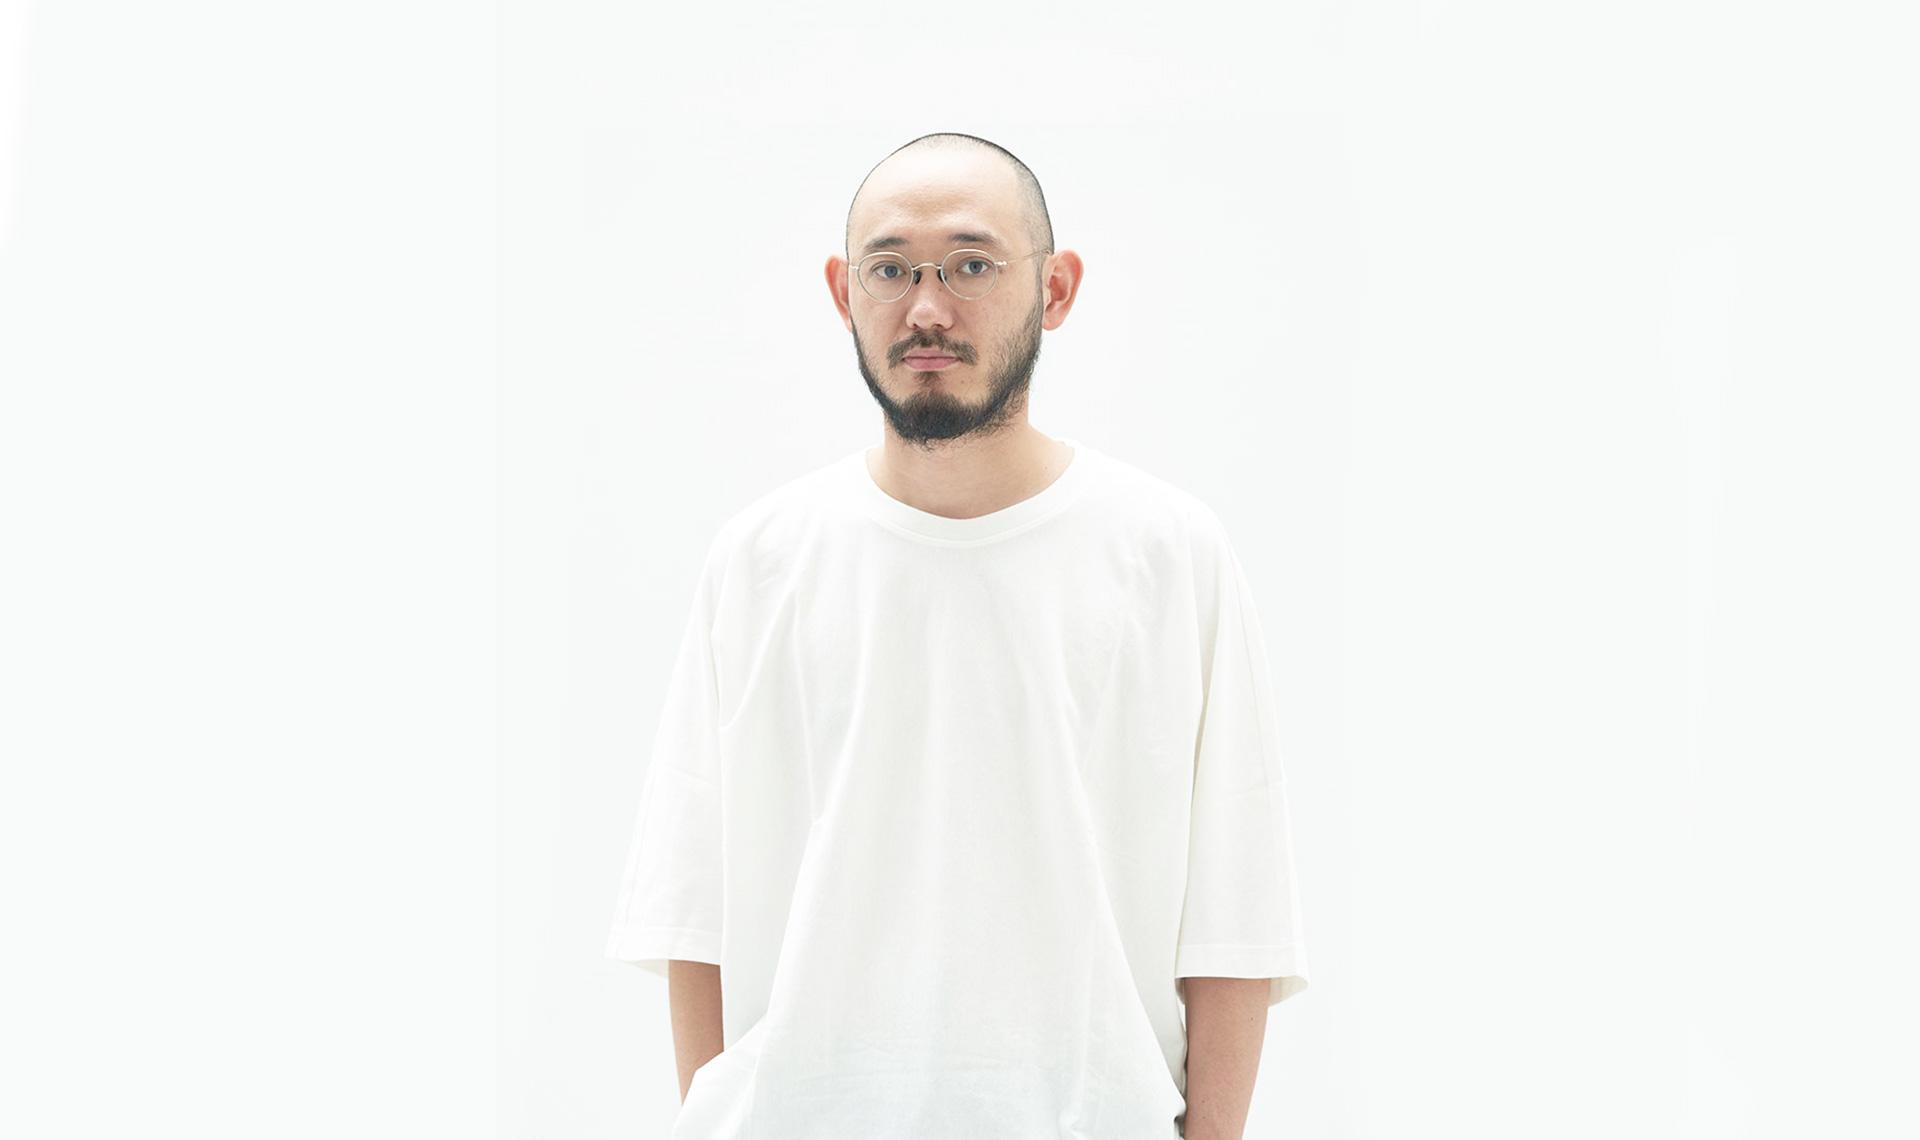 Сатоши Кондо: о материалах будущего и чувстве радости